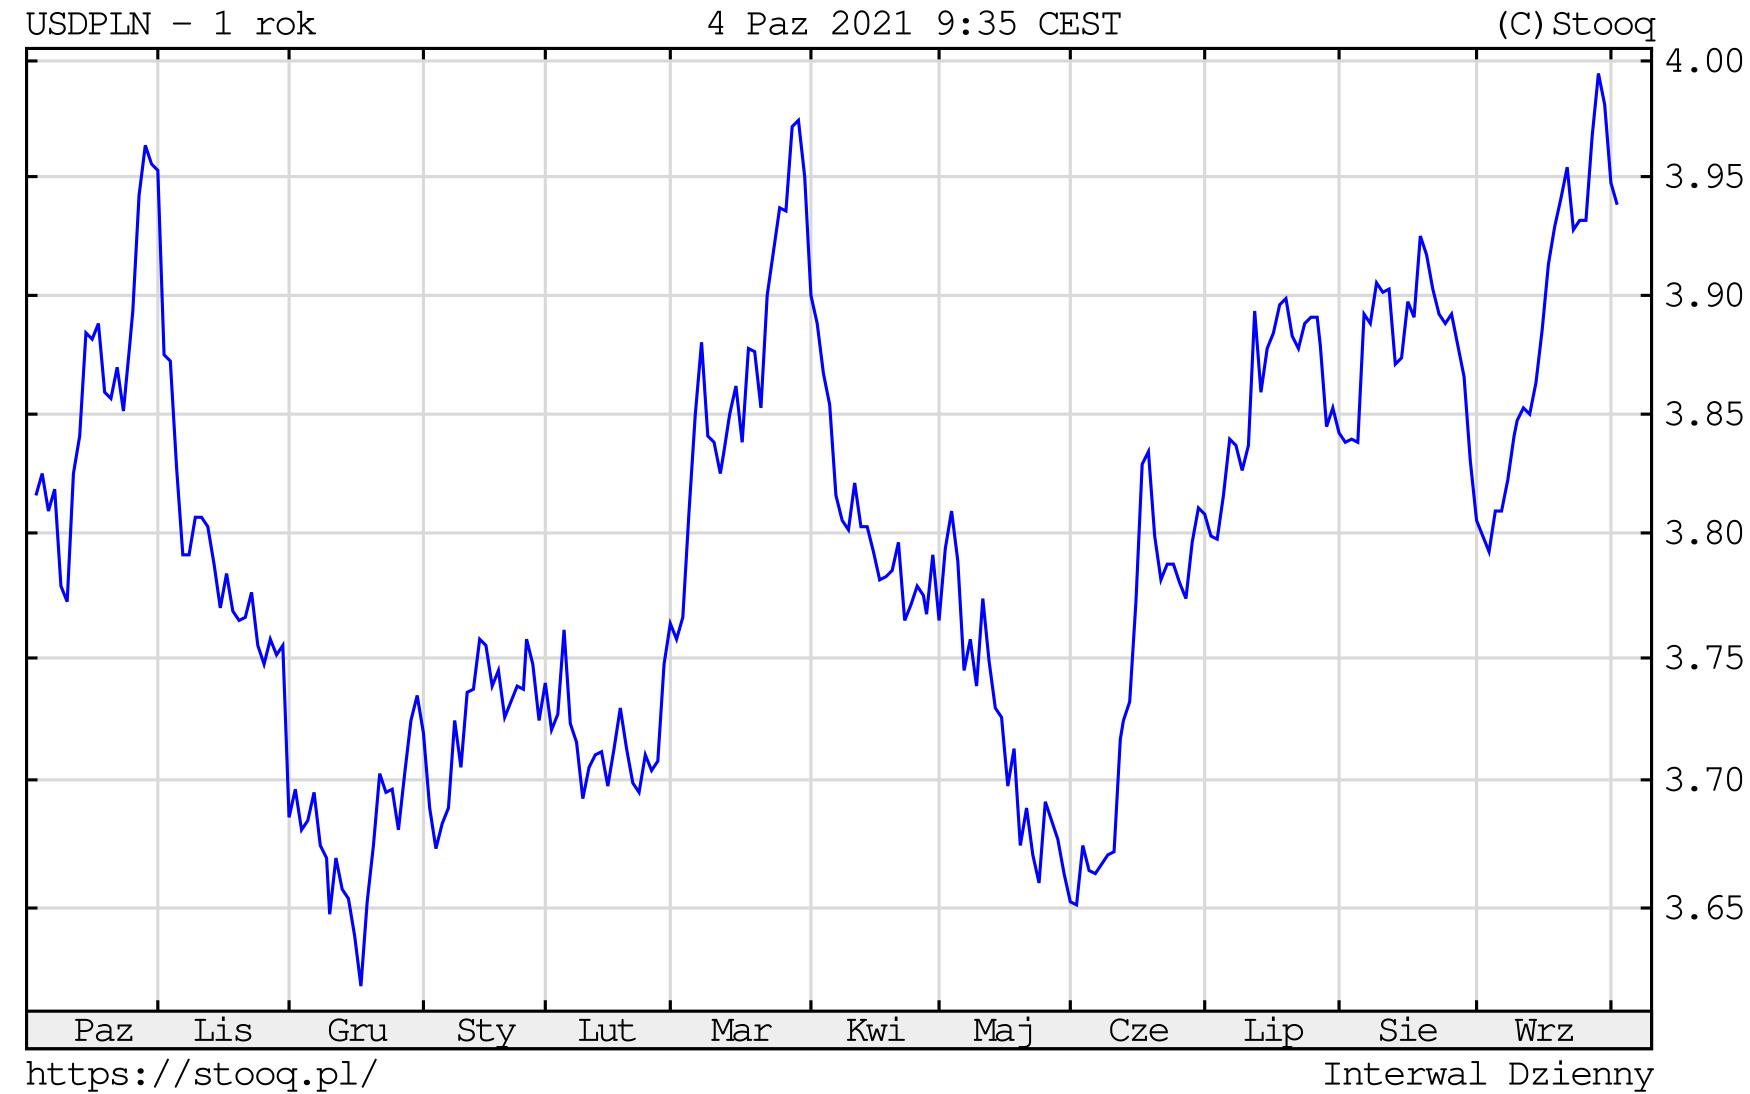 Kurs dolara w poniedziałek, 4 października 2021 roku. Notowania USD/PLN na wykresie dziennym